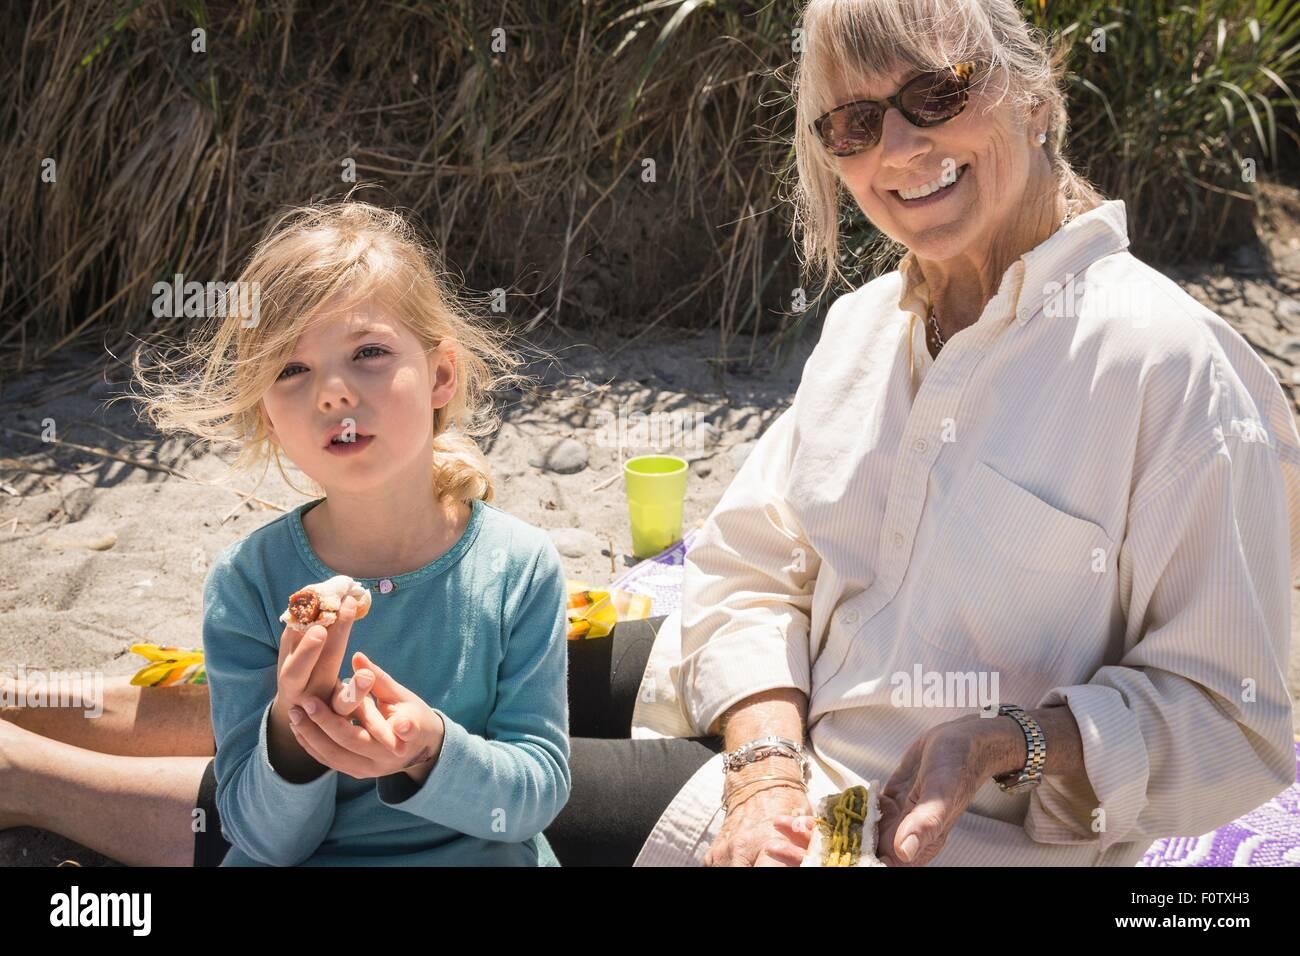 Grand-mère et sa petite-fille sur la plage avec pique-nique Photo Stock